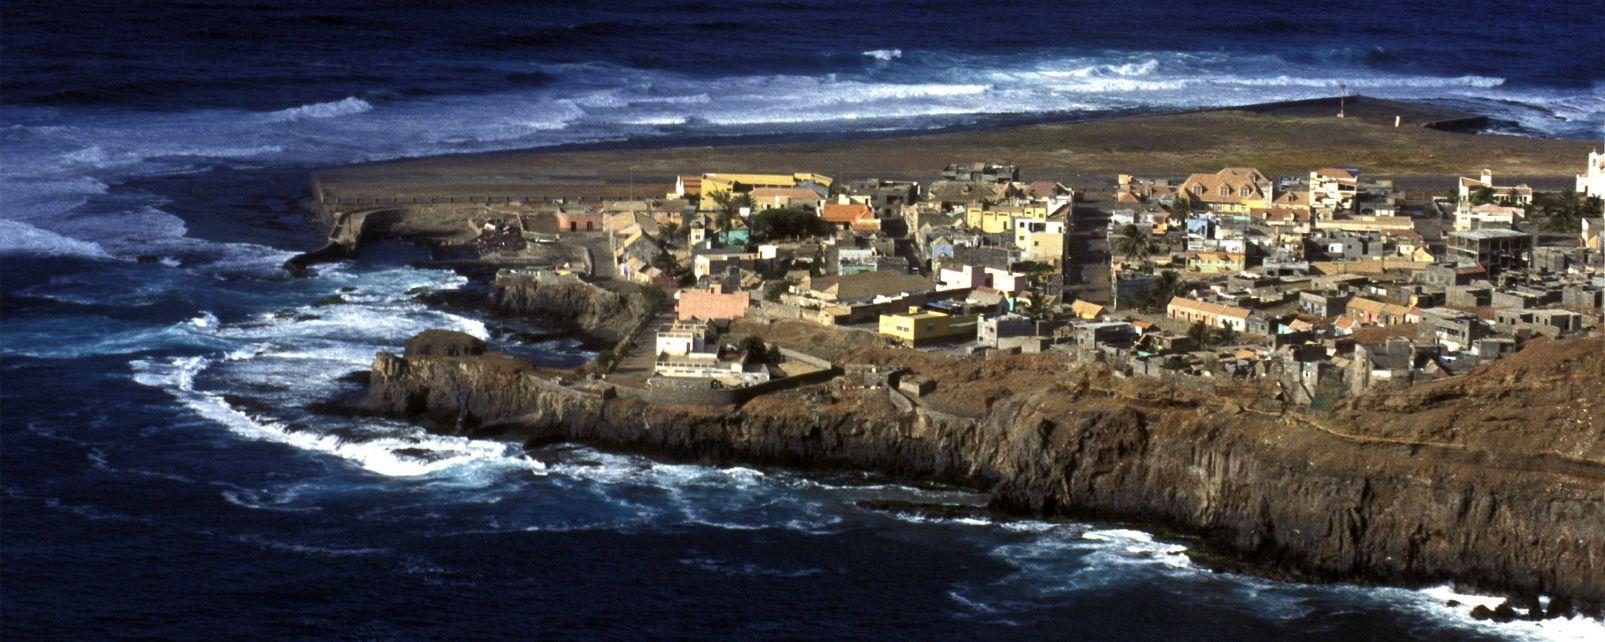 Les paysages, afrique, espagne, canaries, cap-vert, île, archipel, atlantique, santo antao, ponta do sol